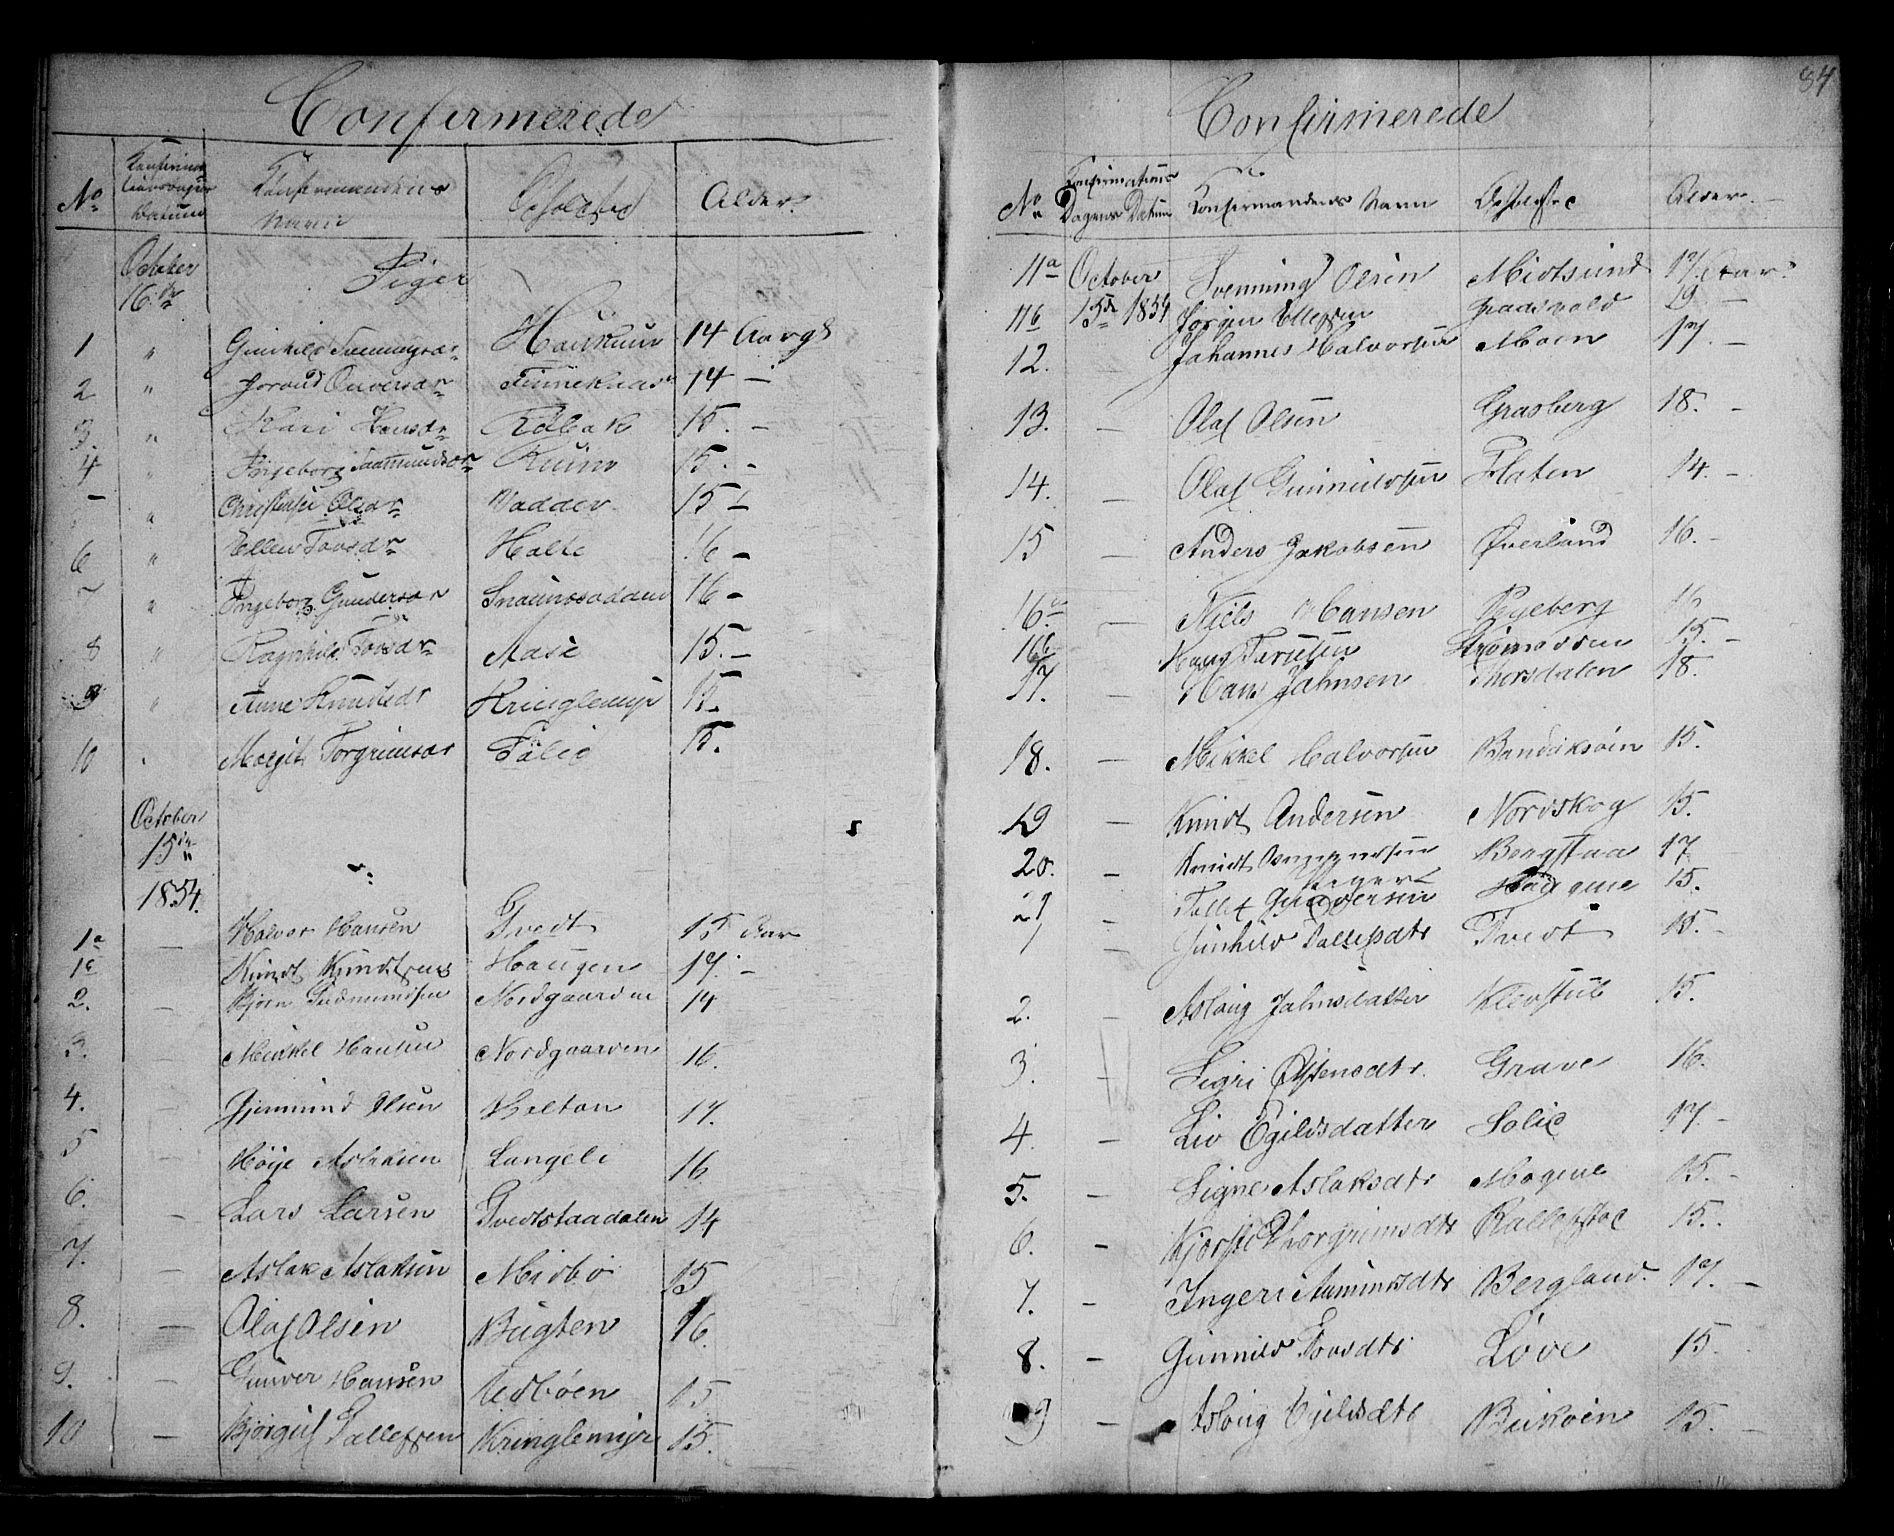 SAKO, Kviteseid kirkebøker, G/Ga/L0001: Klokkerbok nr. I 1, 1850-1893, s. 84